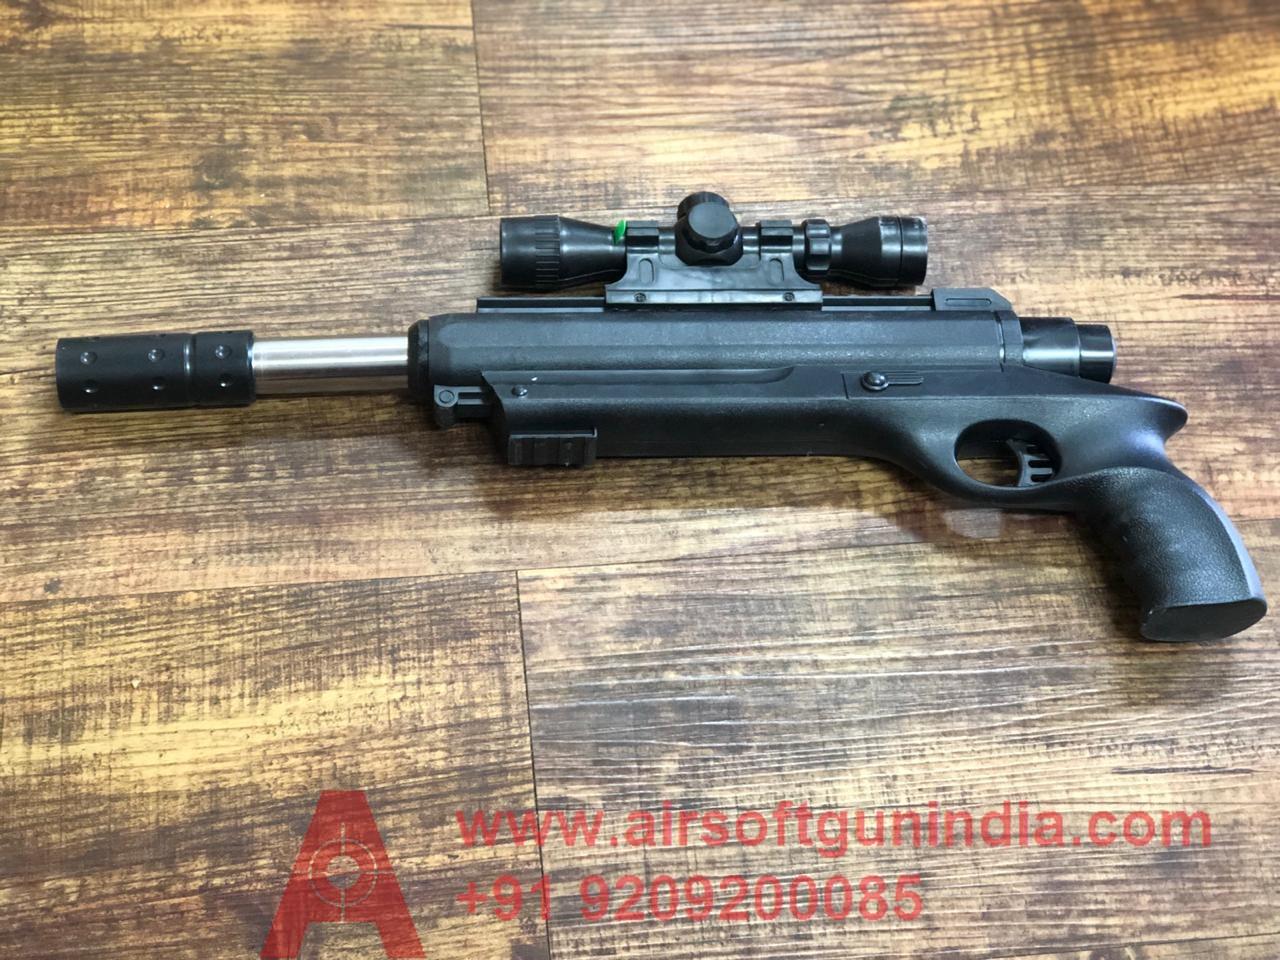 M911 AIRSOFT RIFLE BY AIRSOFT GUN INDIA